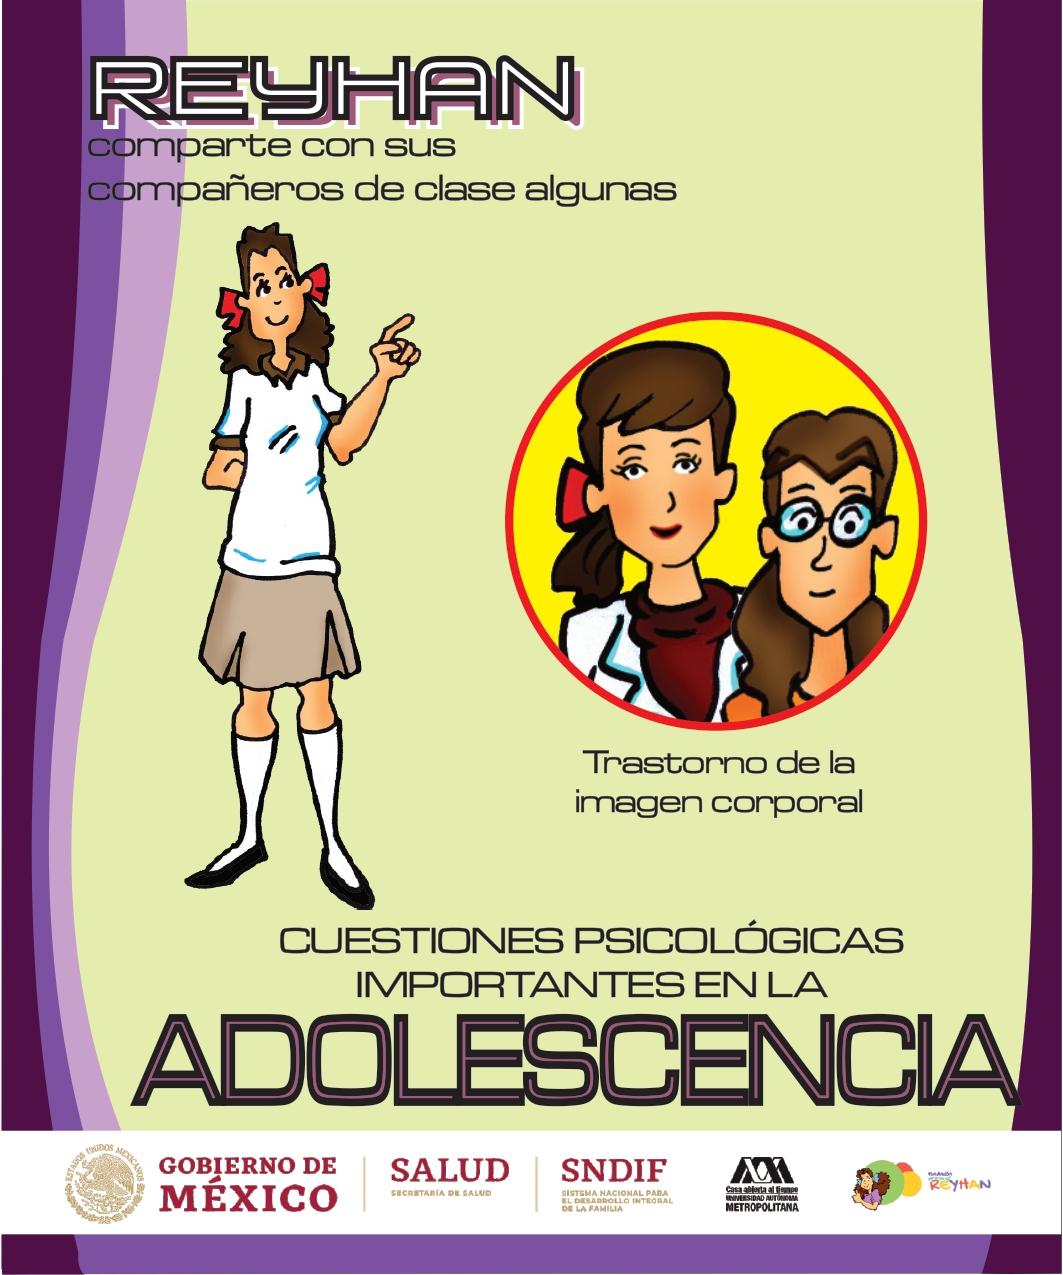 Psicología adolescentes Reyhan cap2 digital_page-0001